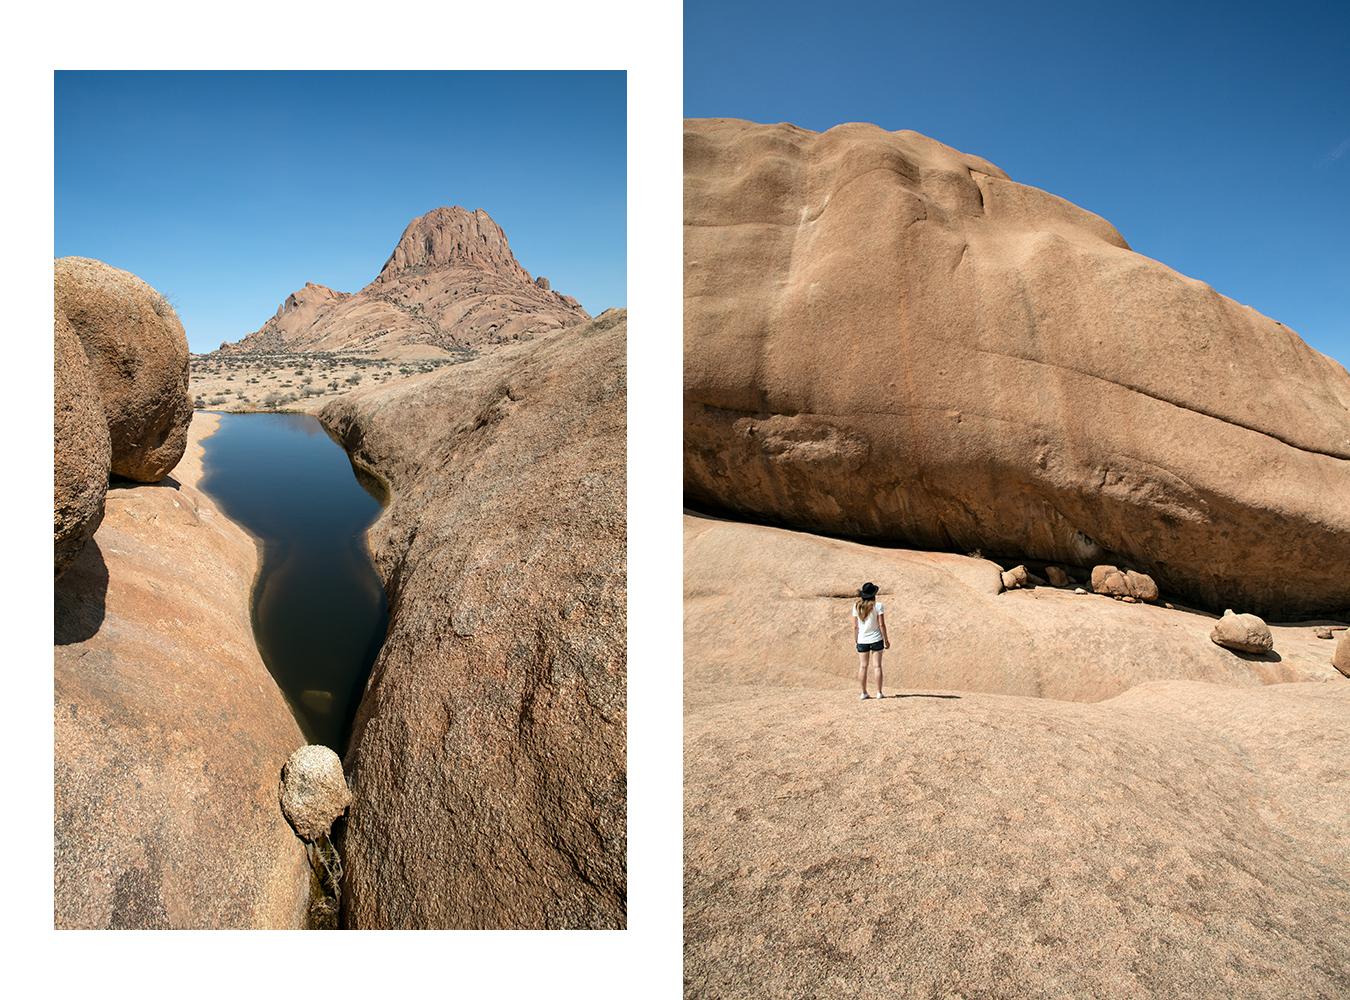 Voyage-spitzkoppe-Namibie